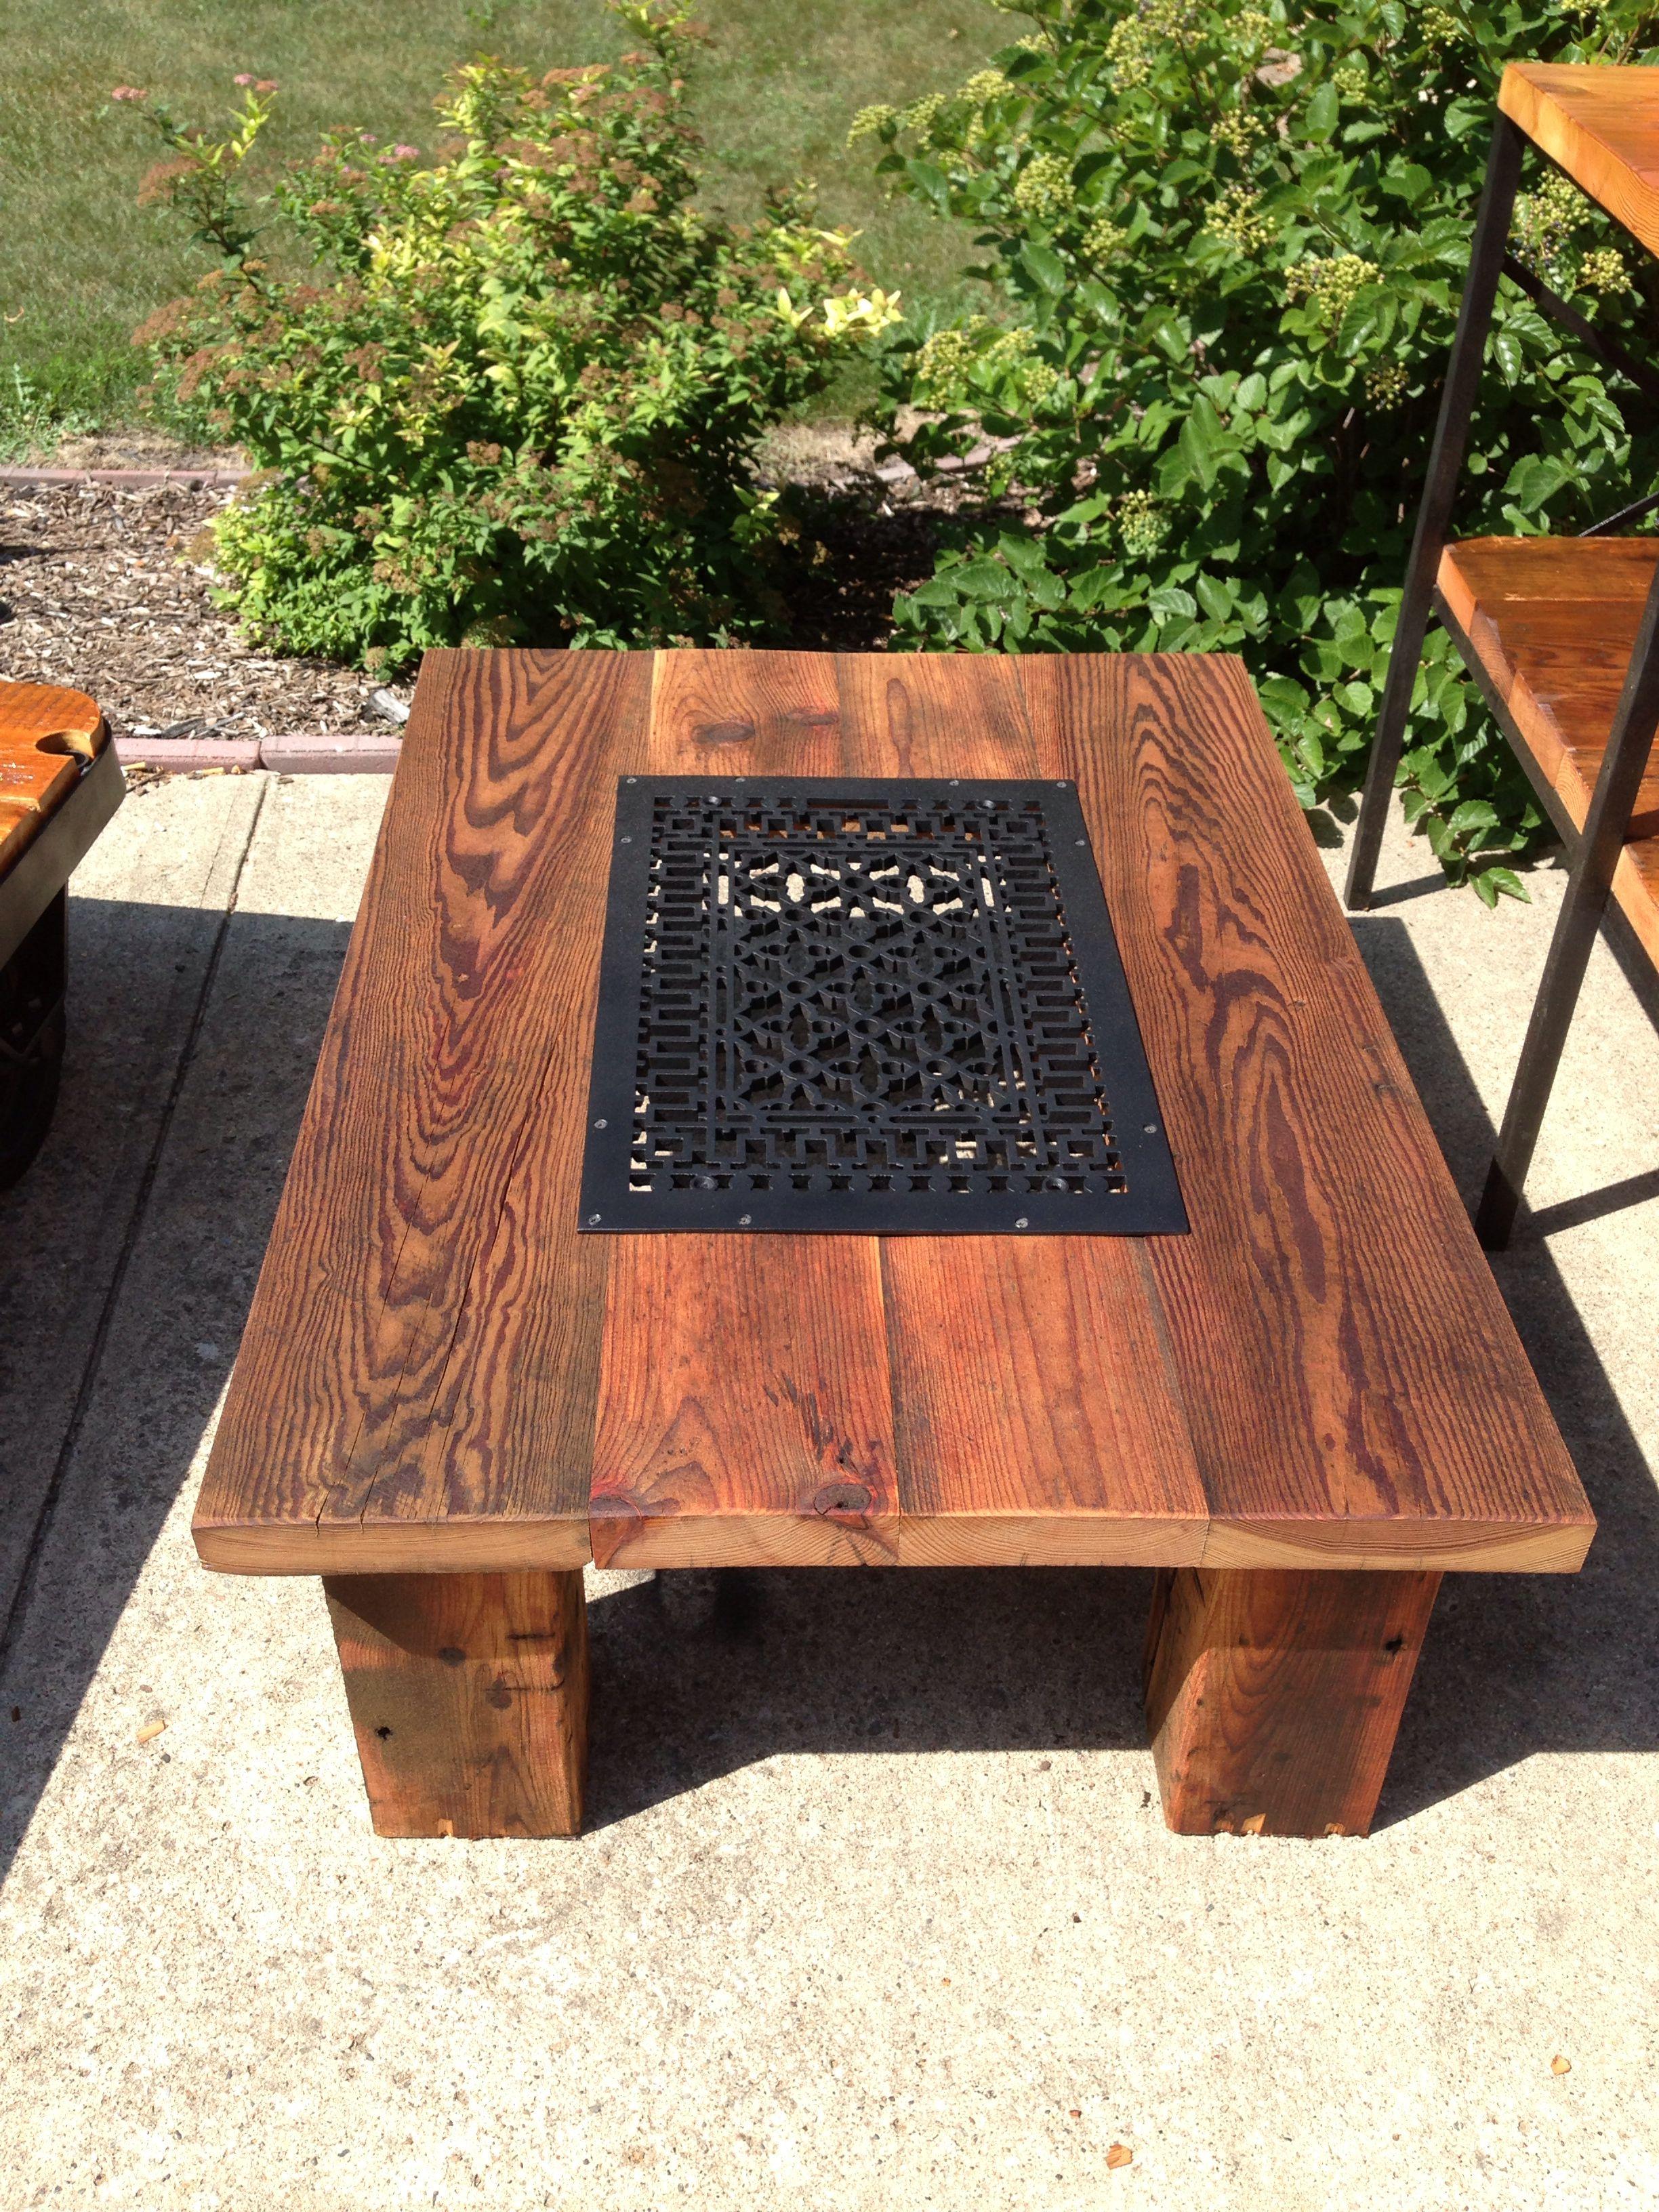 Repurposed Patio Table